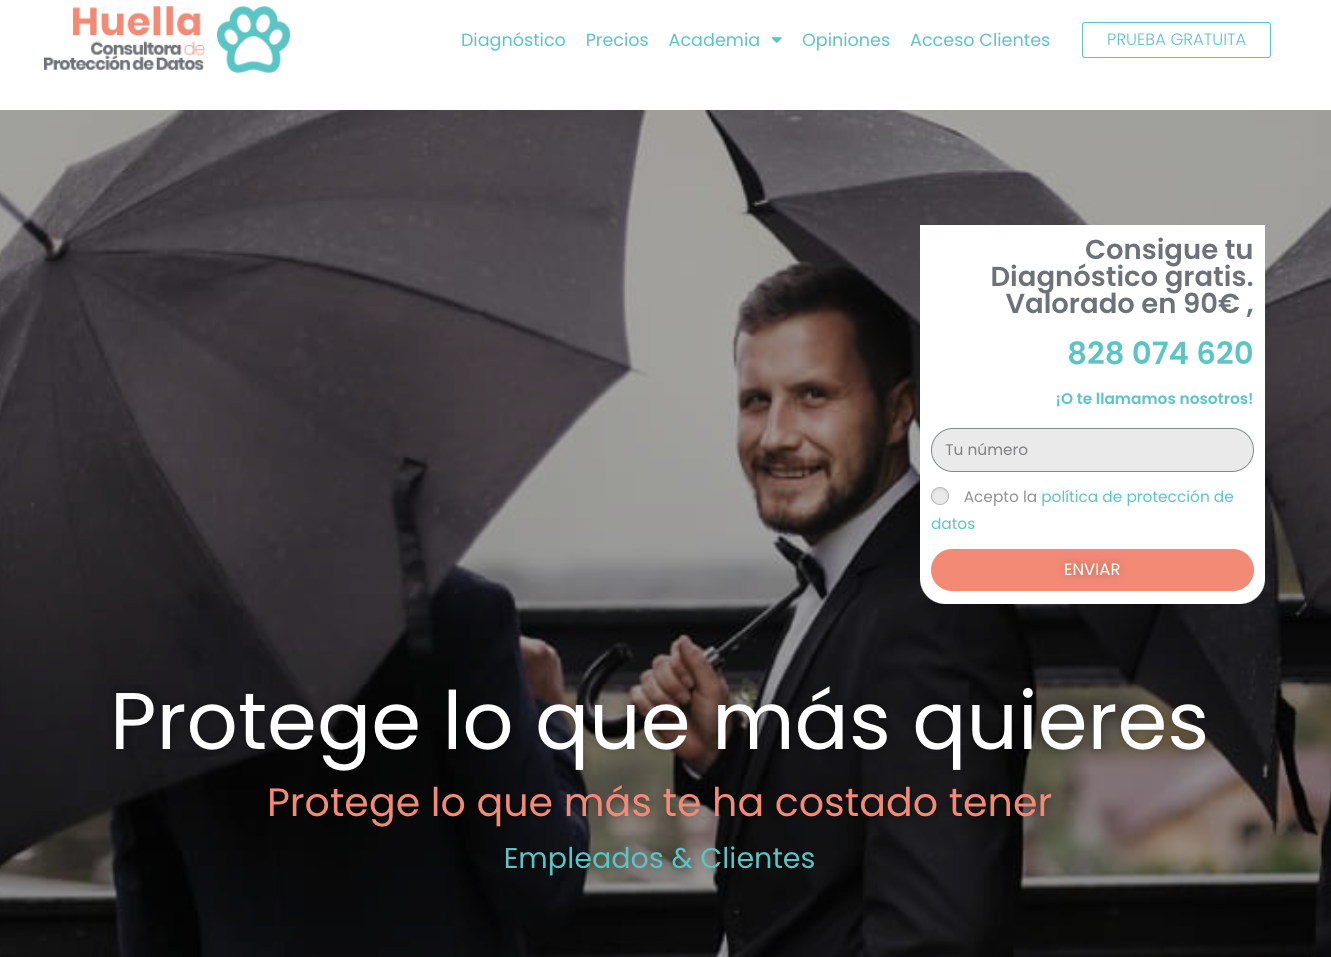 El perfil falso digital que difama a las empresas con las opiniones es legal en España